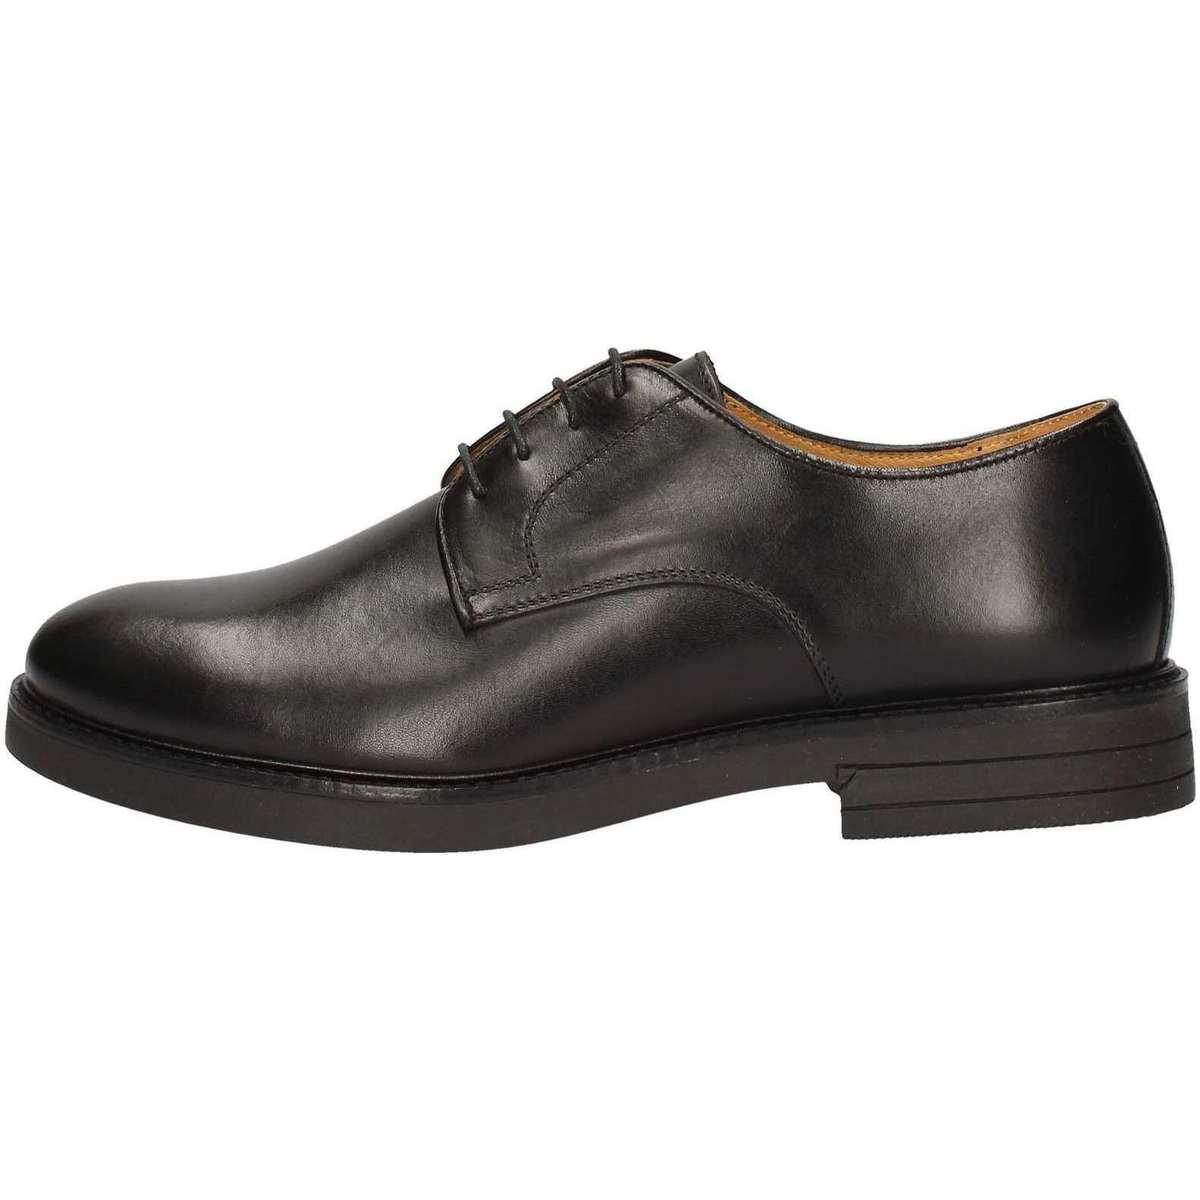 Hudson 701 Lace up shoes Mann Schwarz Schwarz - Schuhe Derby-Schuhe Herren 84,20 €